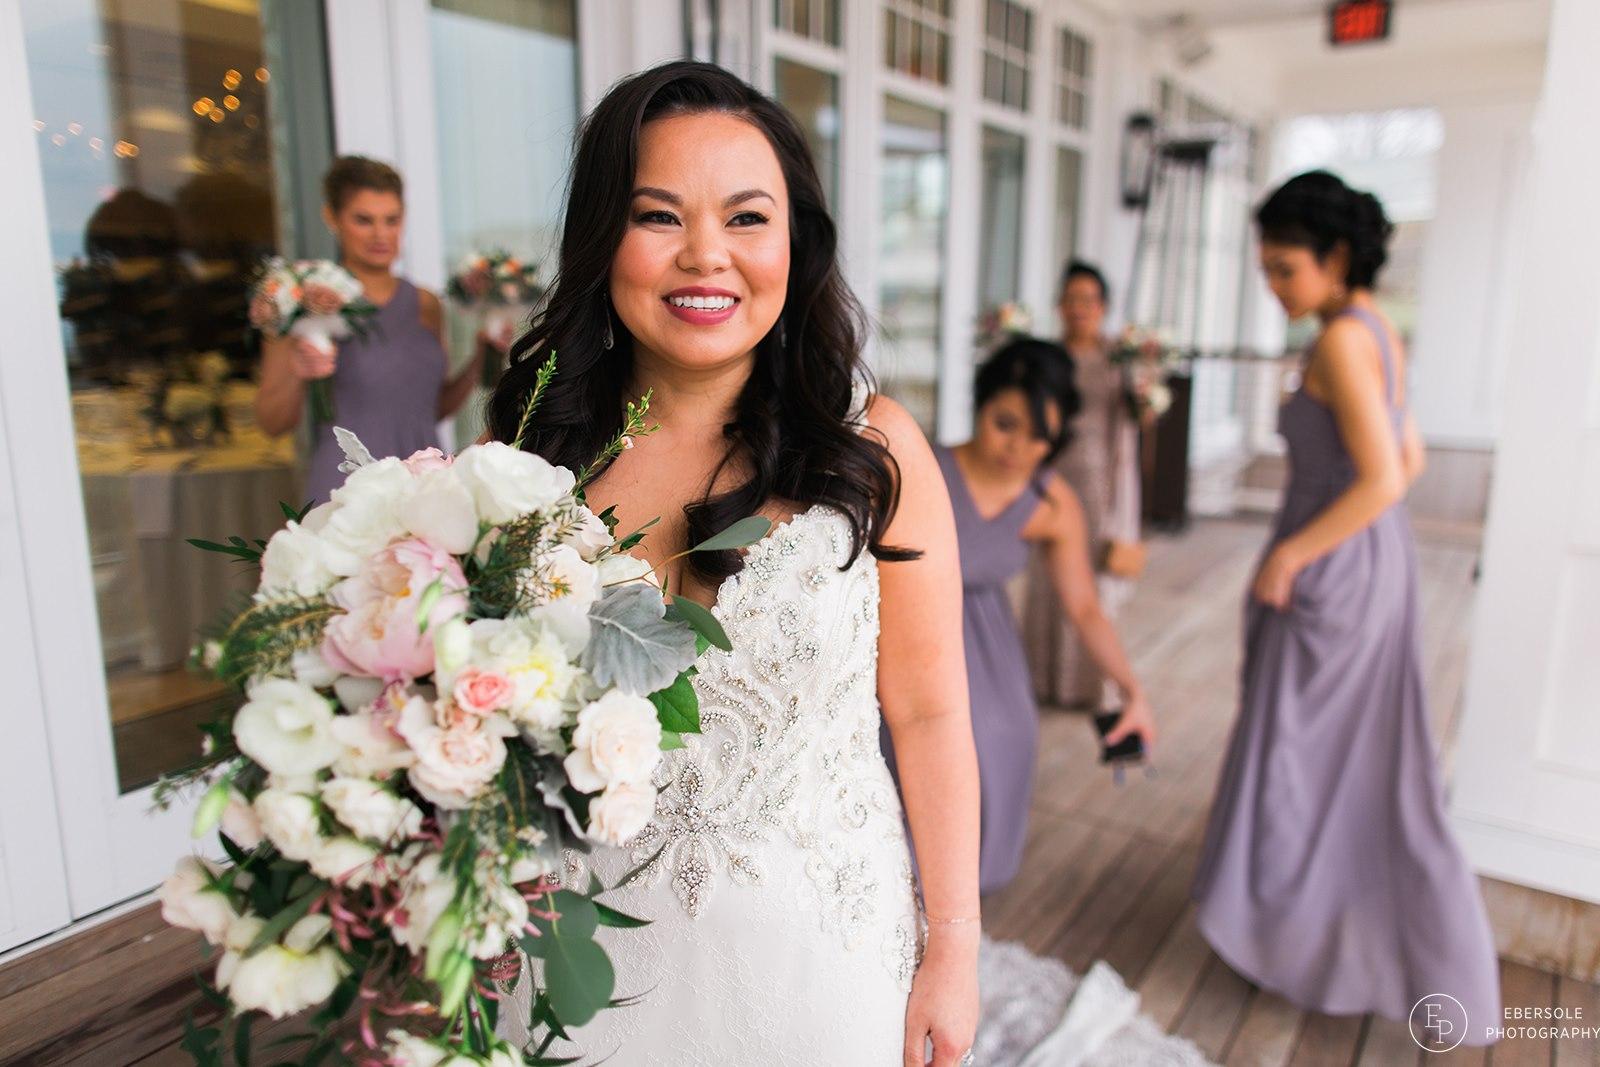 Ebersole-Photo.Charter-wedding-49.jpg